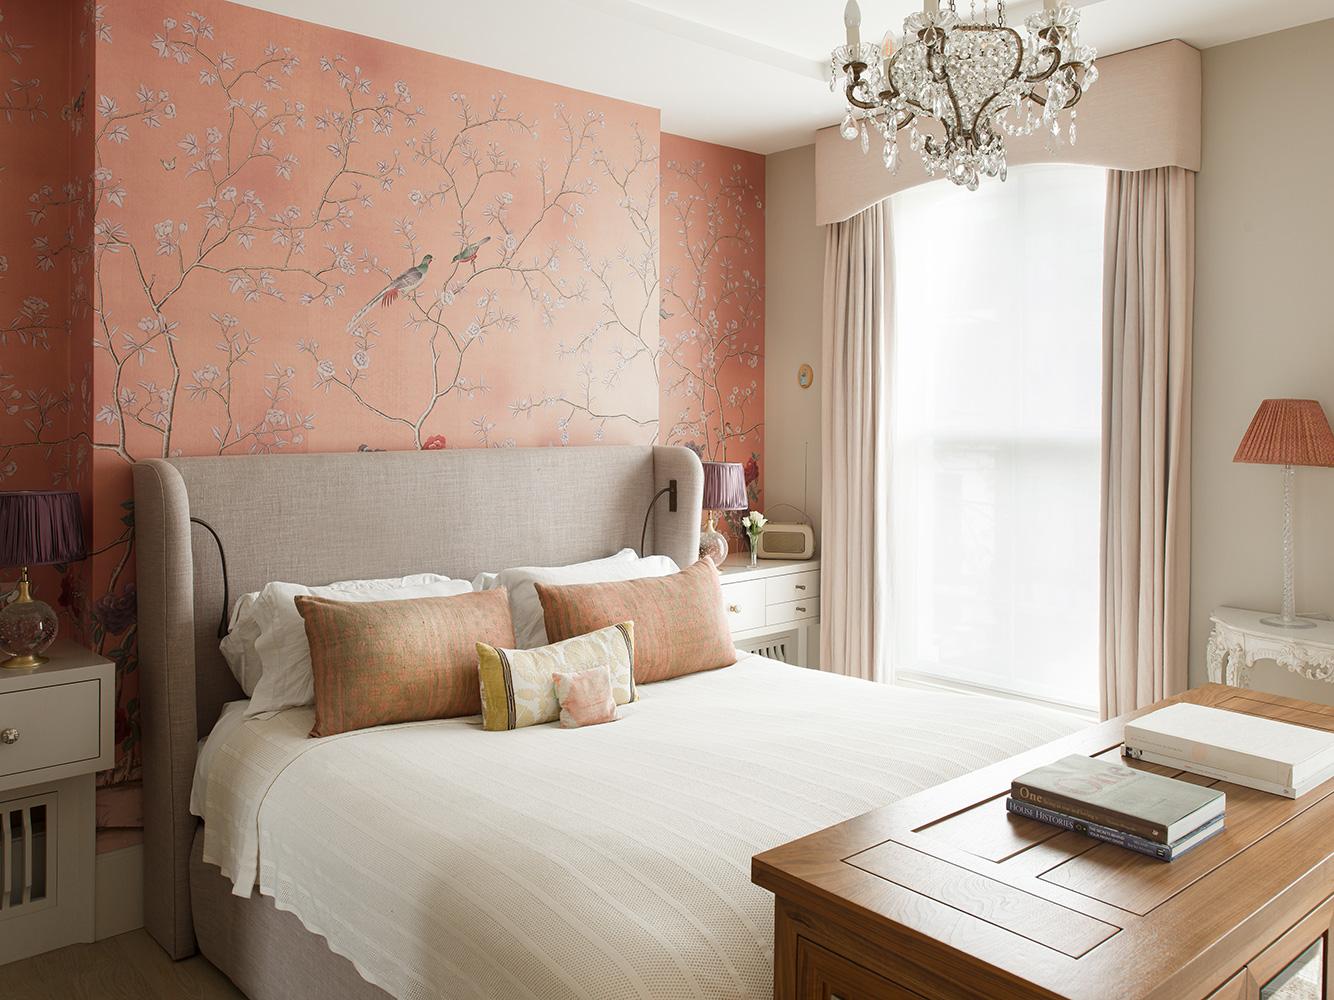 Master bedroom – interior design by Eadie & Crole